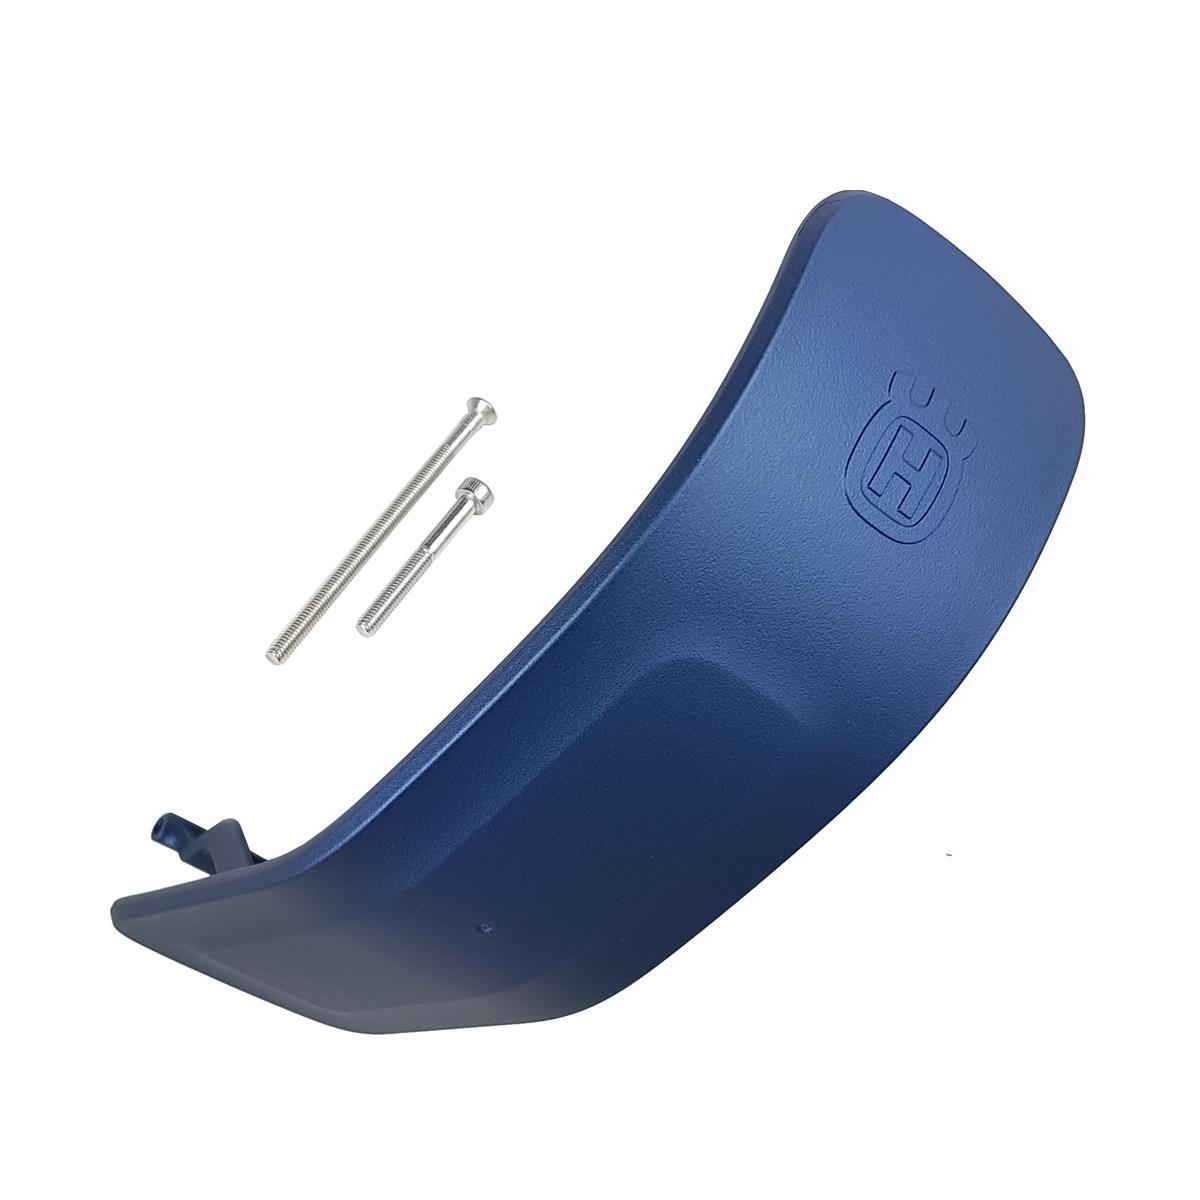 Paramotore inferiore di protezione blu per modelli EXC, MC, HC, LC, GT dal 2019